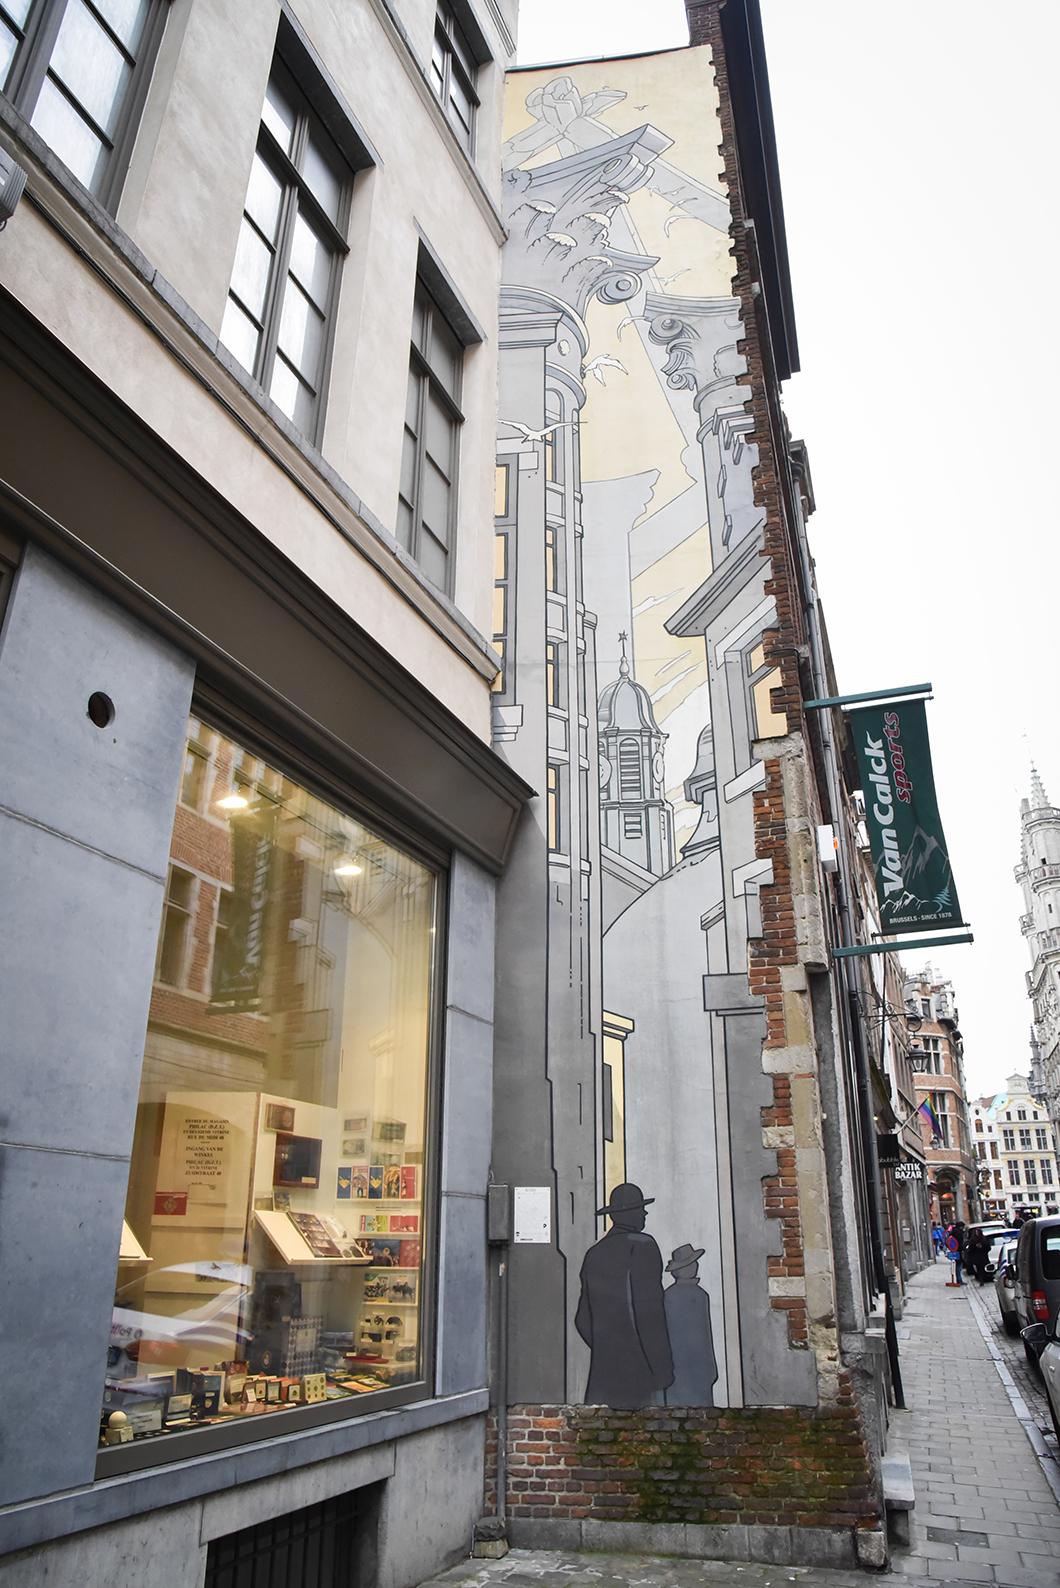 Trouver les BD murales à Bruxelles